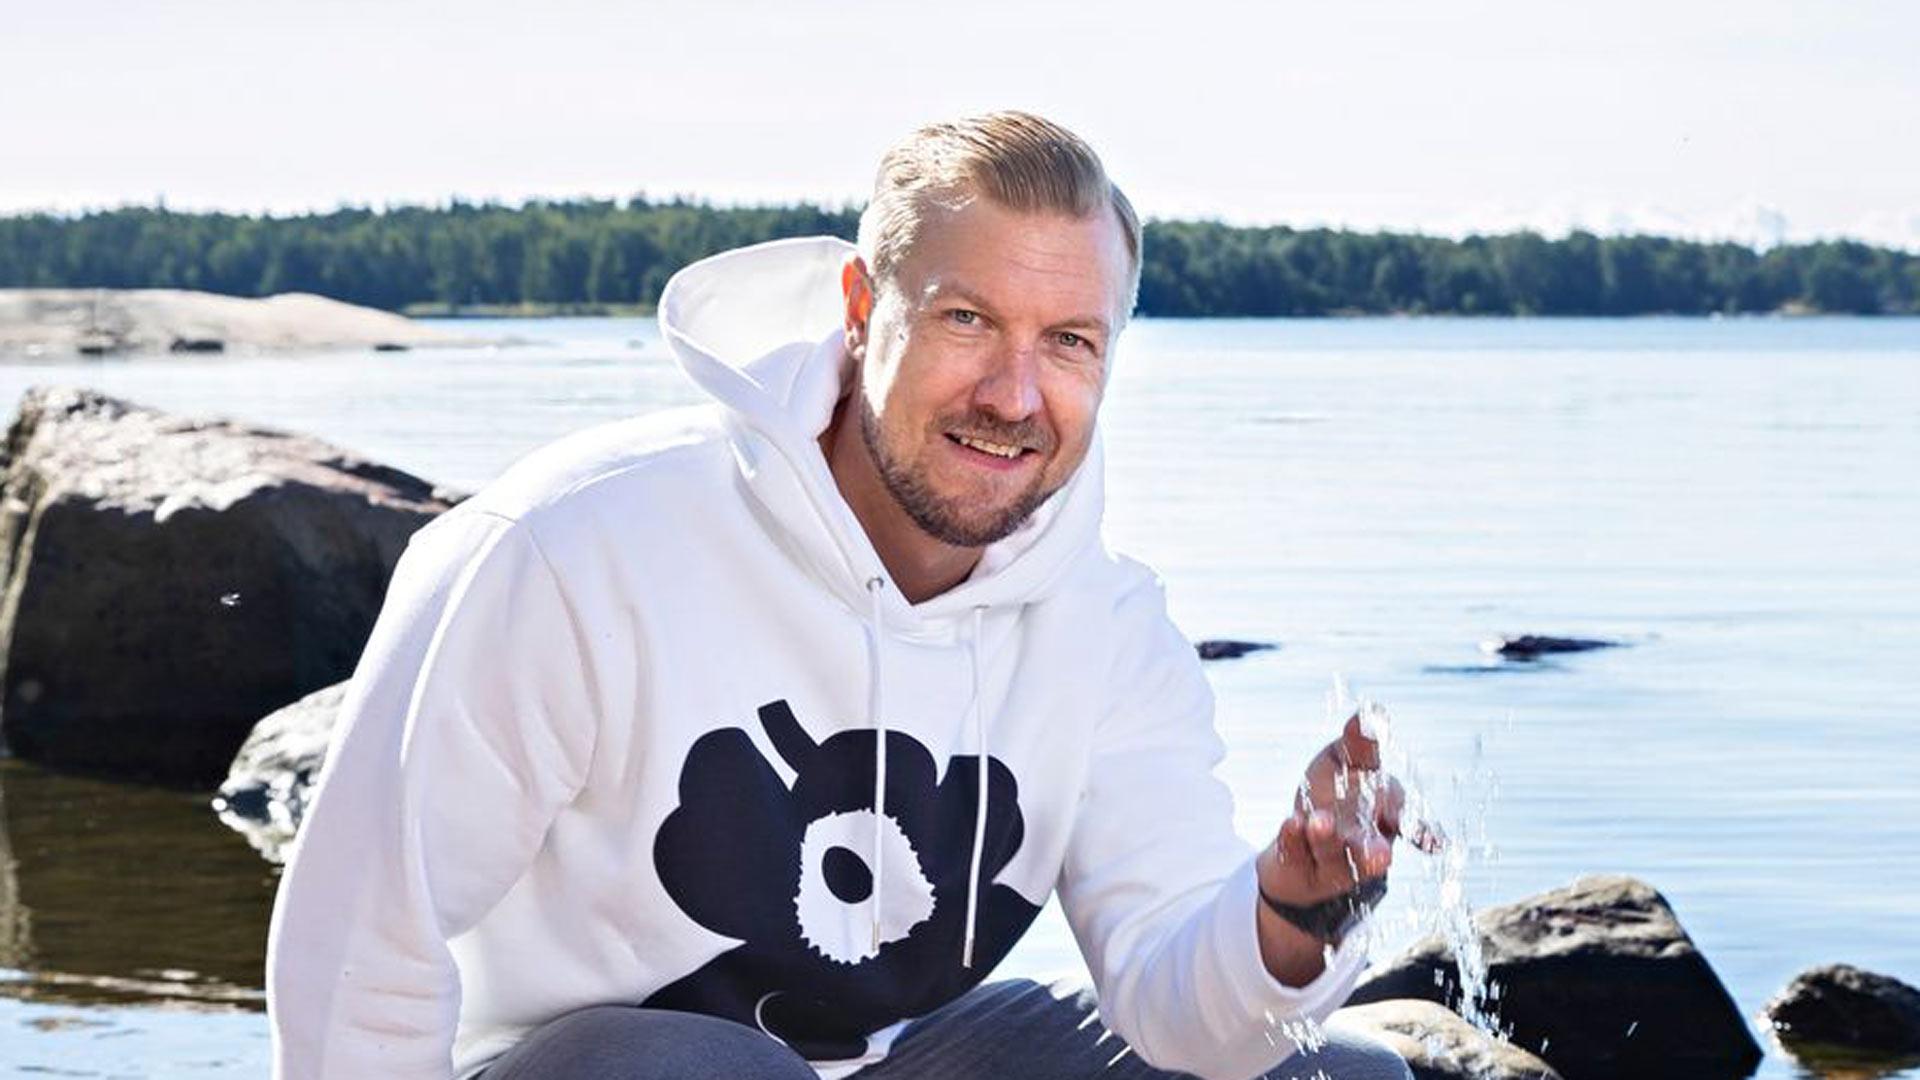 Jääkiekkoilija Niklas Hagman on syntynyt 5.12.1979. Hyvää syntymäpäivää!